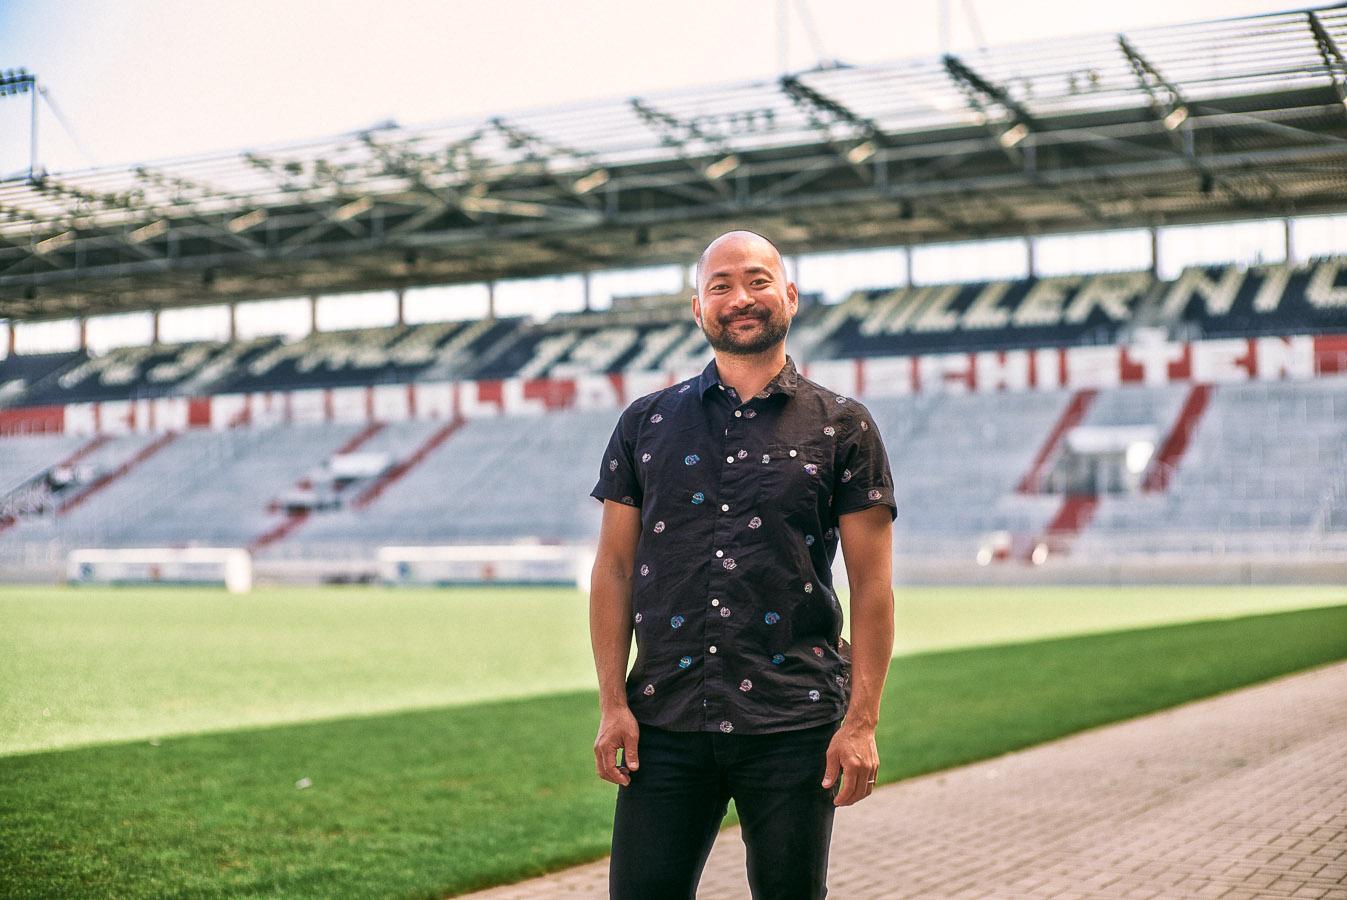 Jason Lee (Lead Teamsport Designer, hummel Deutschland)